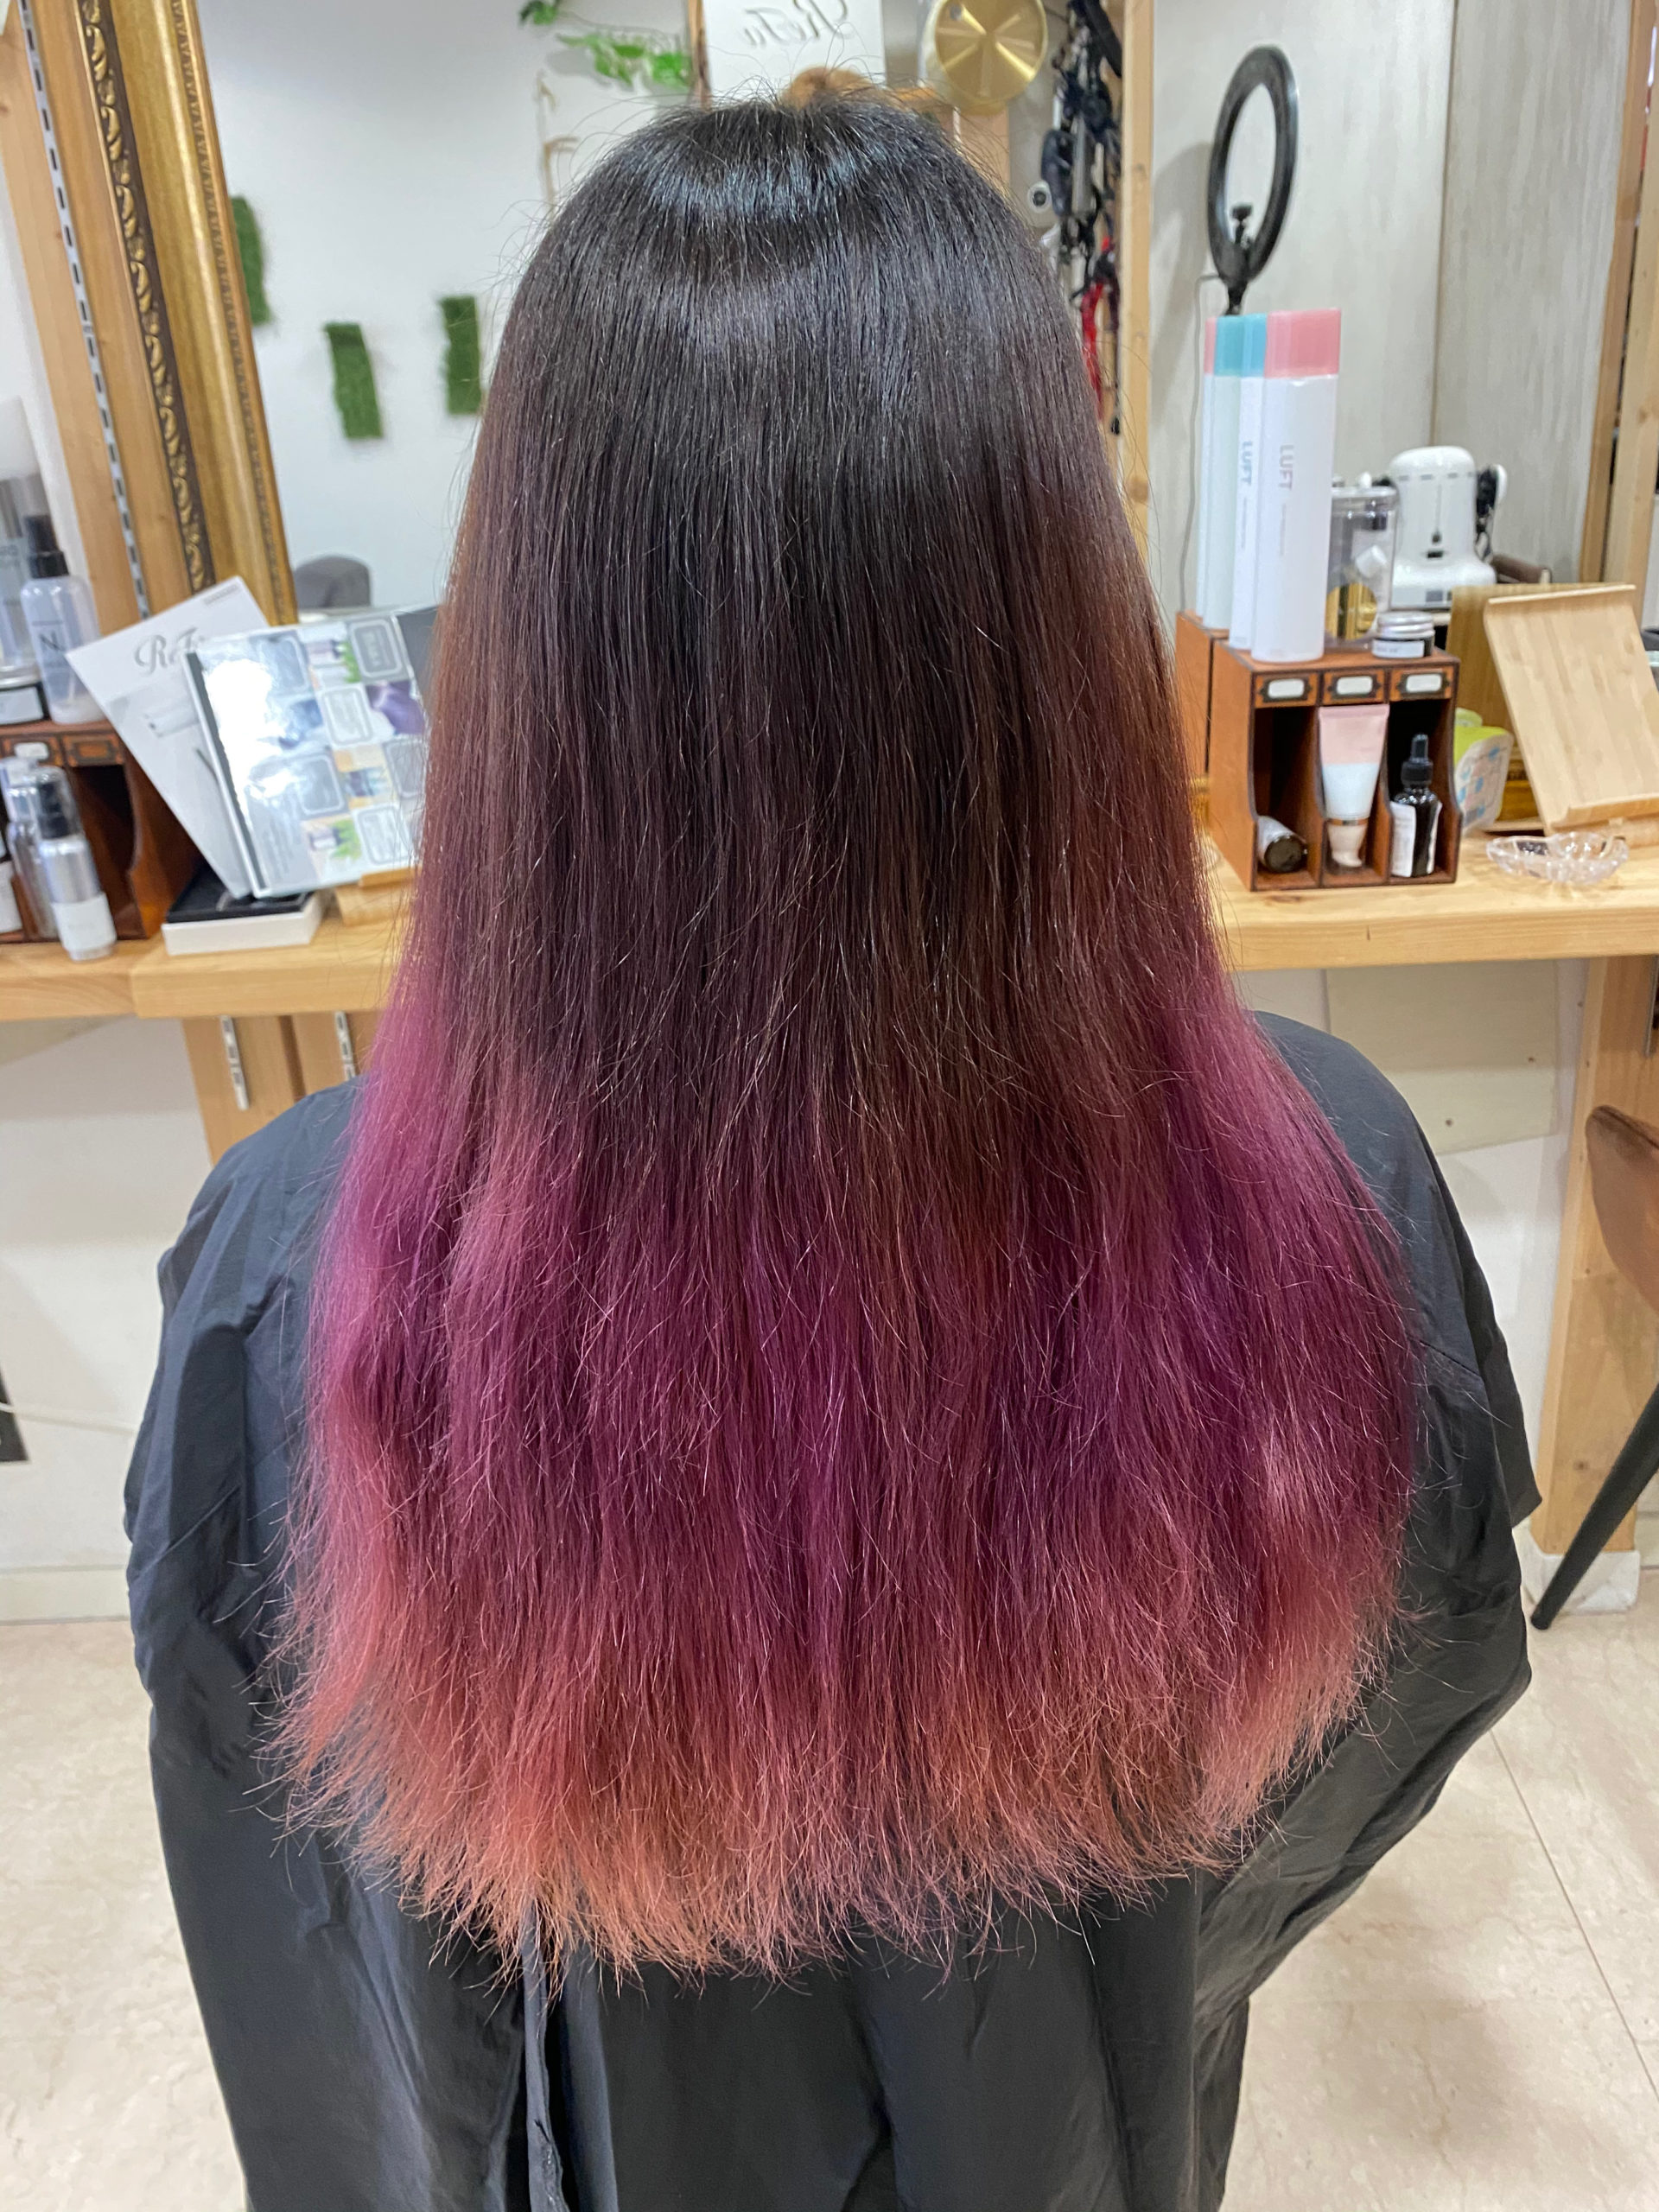 ばっさりカットとジュエリーシステムで艶髪外はねボブ。原宿・表参道『髪のお悩みを解決するヘアケア美容師の挑戦』